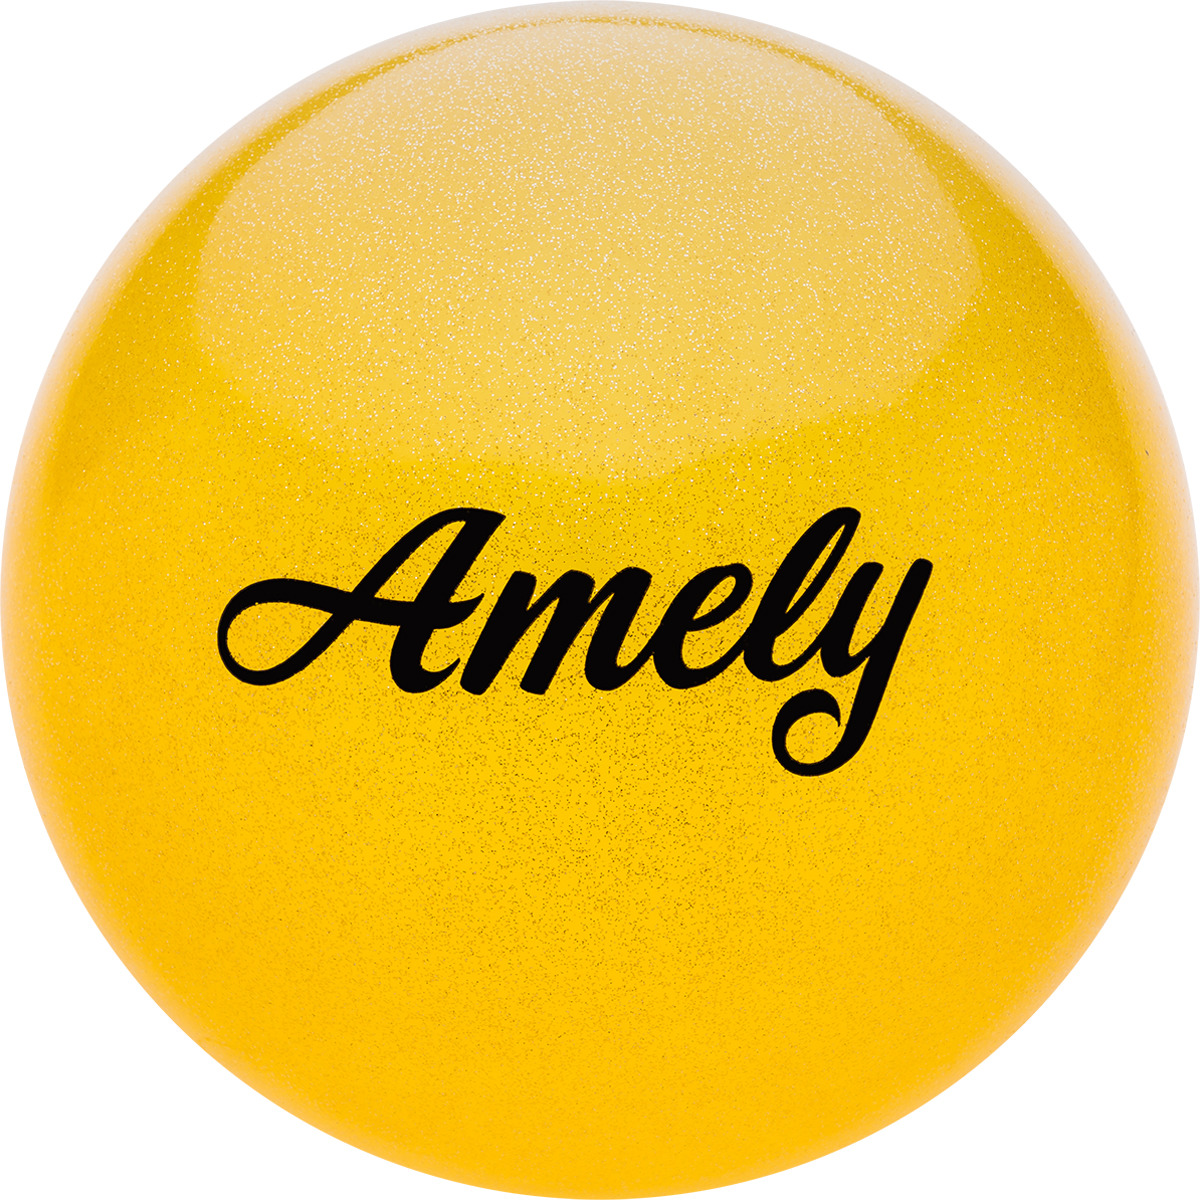 Мяч для художественной гимнастики Amely с блестками Практичный и надежный мяч для художественной гимнастики диаметром 19 см. Цвет яркий, однотонный, с красивыми блестками. Материал мяча – ПВХ. Вес 400 грамм. Мяч диаметром 19 см предназначен для спортсменок-юниоров и взрослых гимнасток. Как правило, цвет мяча подбирается под образ и костюм гимнастки. Хранить мяч нужно в чехле, чтобы на нем не появились царапины. Мячи с разноцветным покрытием или с блёстками имеют тонкий слой красочного покрытия, требующий бережного отношения. В зимнее время следует использовать утеплённый чехол, чтобы мяч не сдувался от перепада температуры. Желательно избегать попадания прямых солнечных лучей.